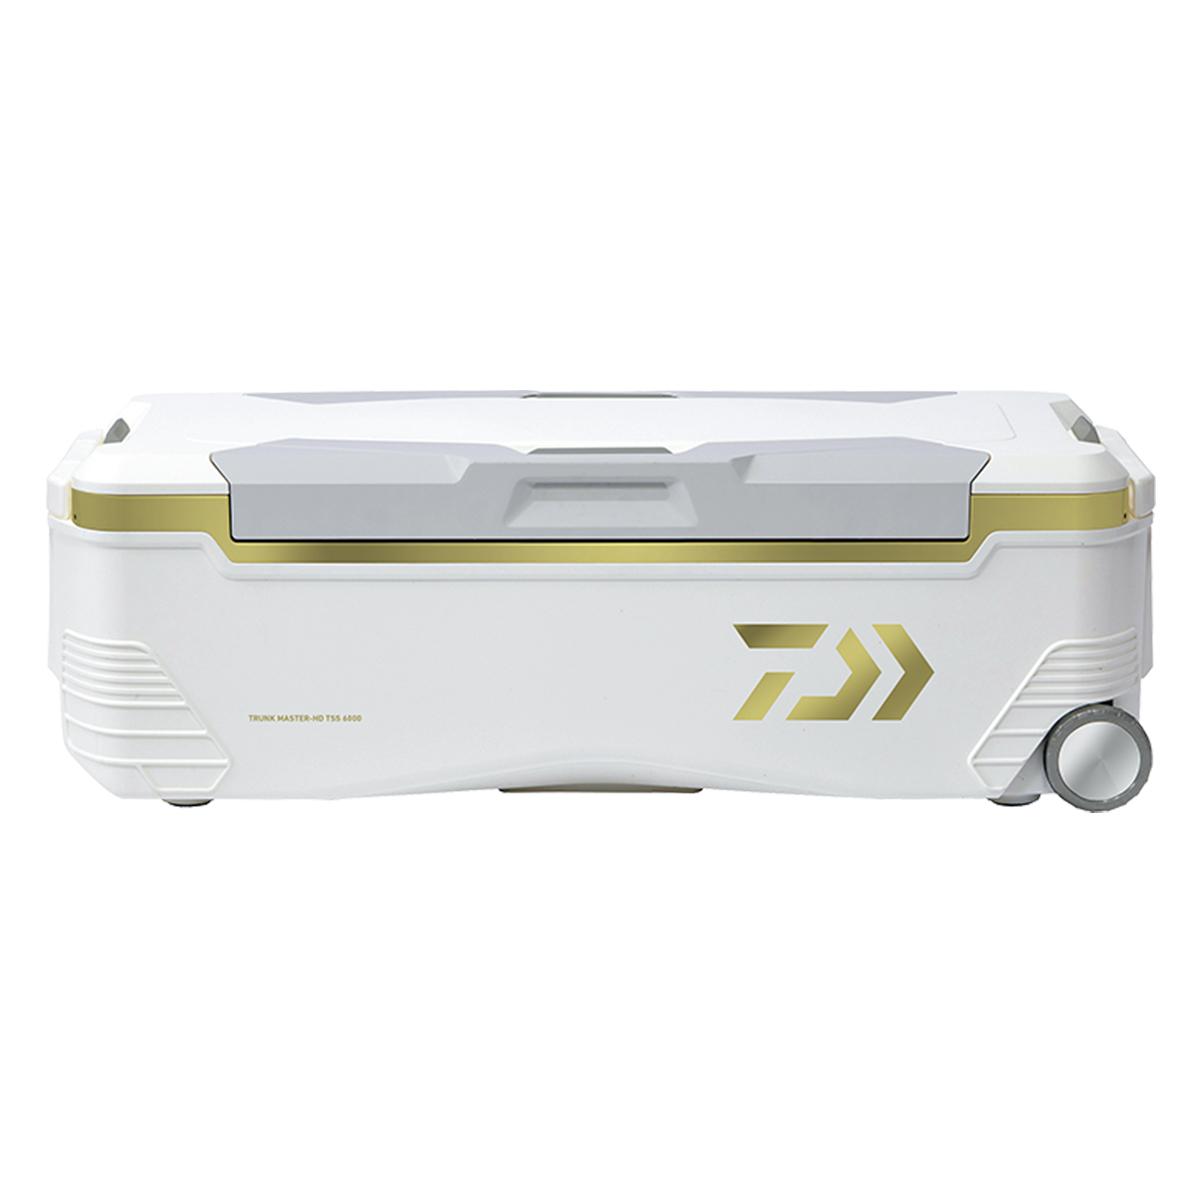 ダイワ トランクマスターHD TSS 6000 Sゴールド クーラーボックス【大型商品】(東日本店)【送料無料】【同梱不可】